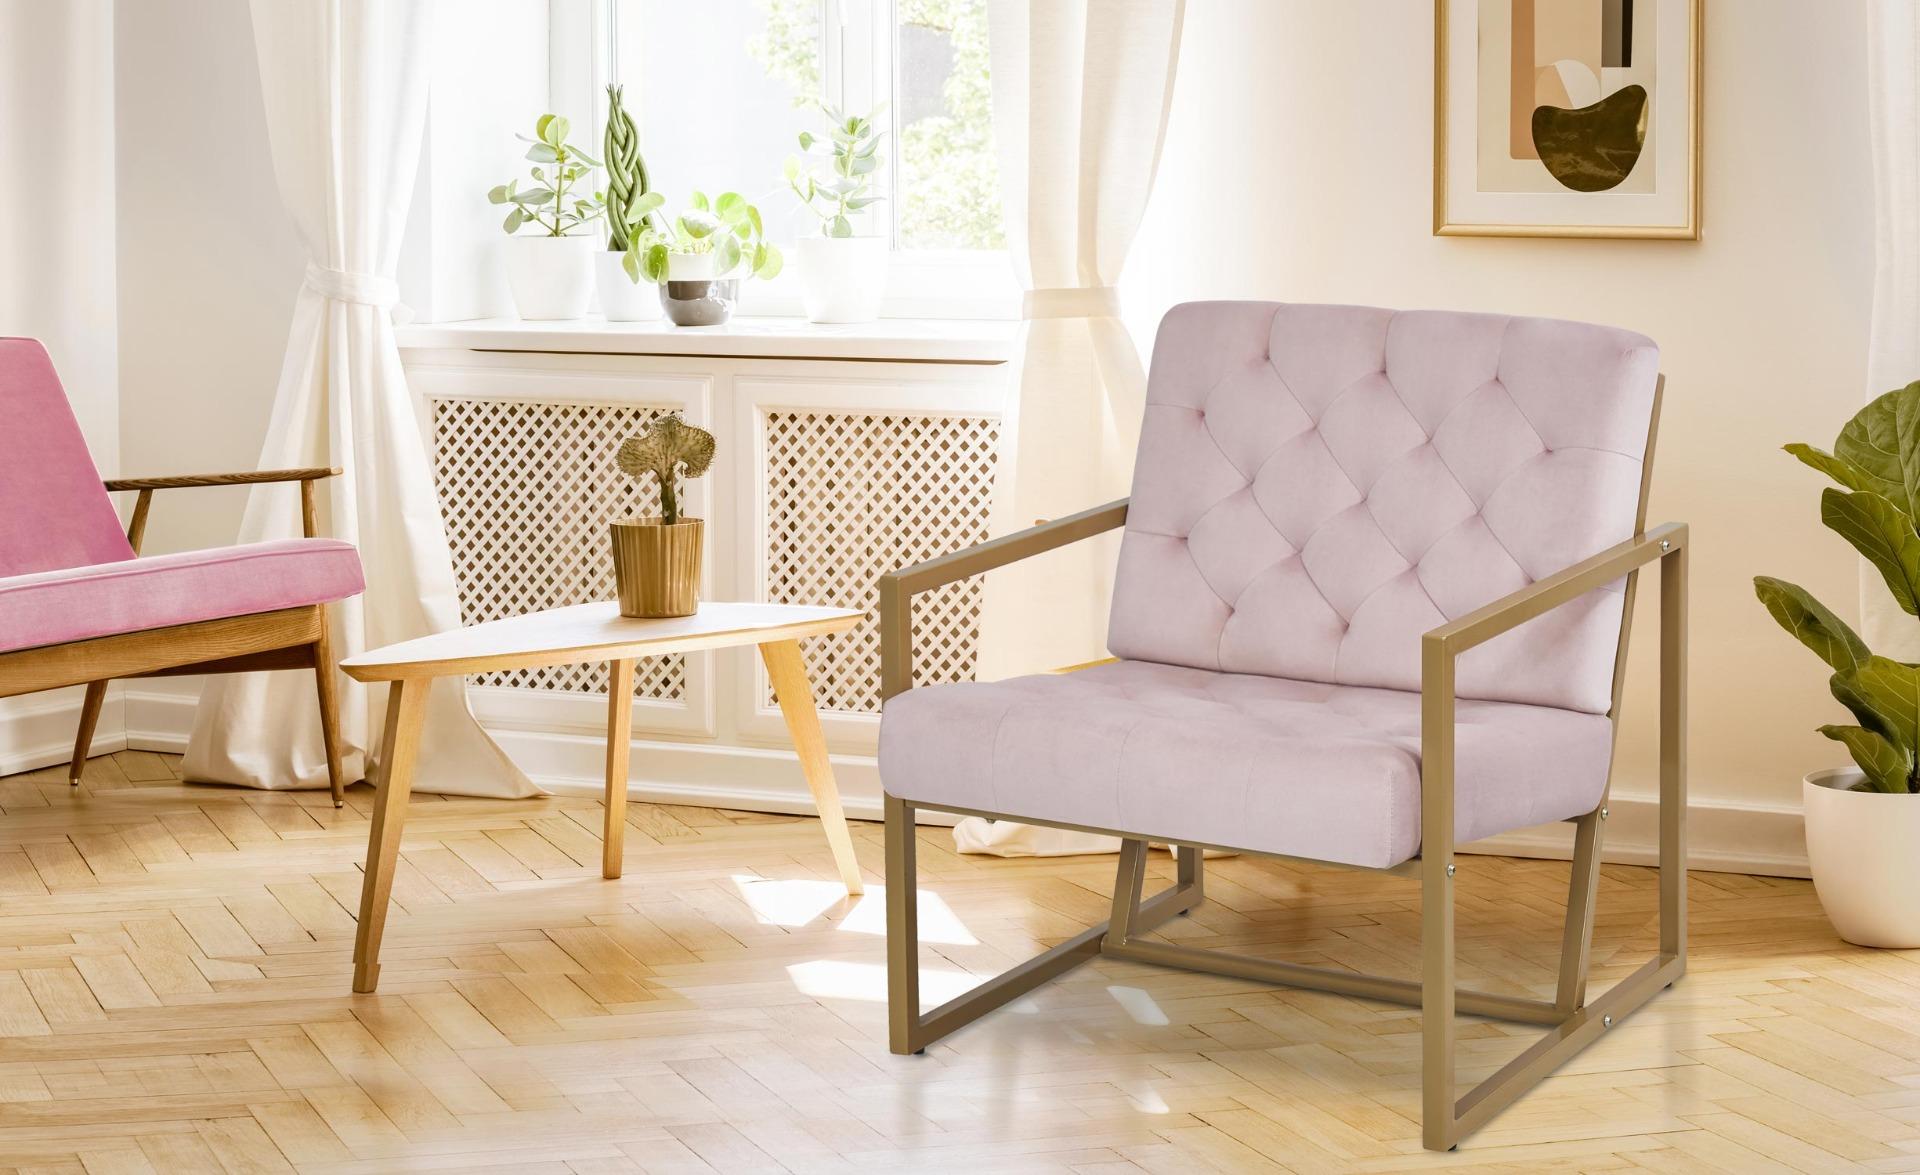 Waco fauteuil roze fluweel gouden voeten